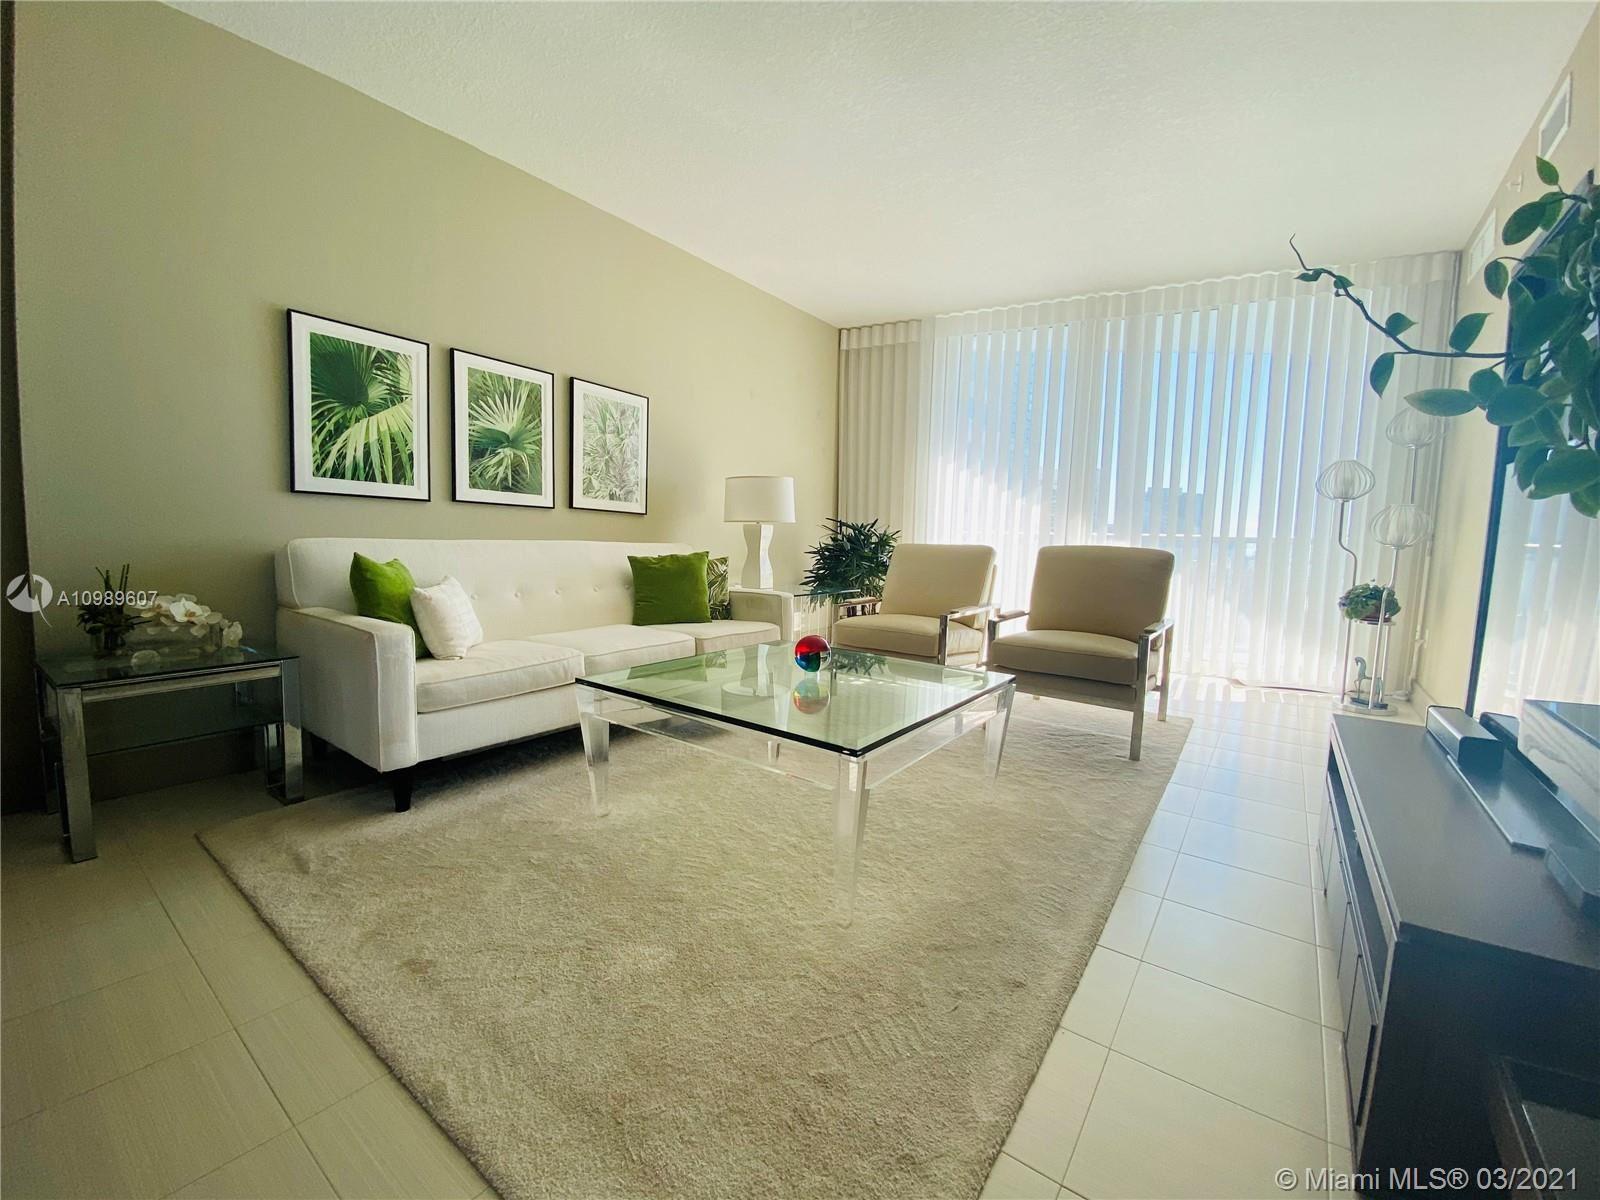 185 SW 7th St #1702, Miami, FL 33130 - #: A10989607